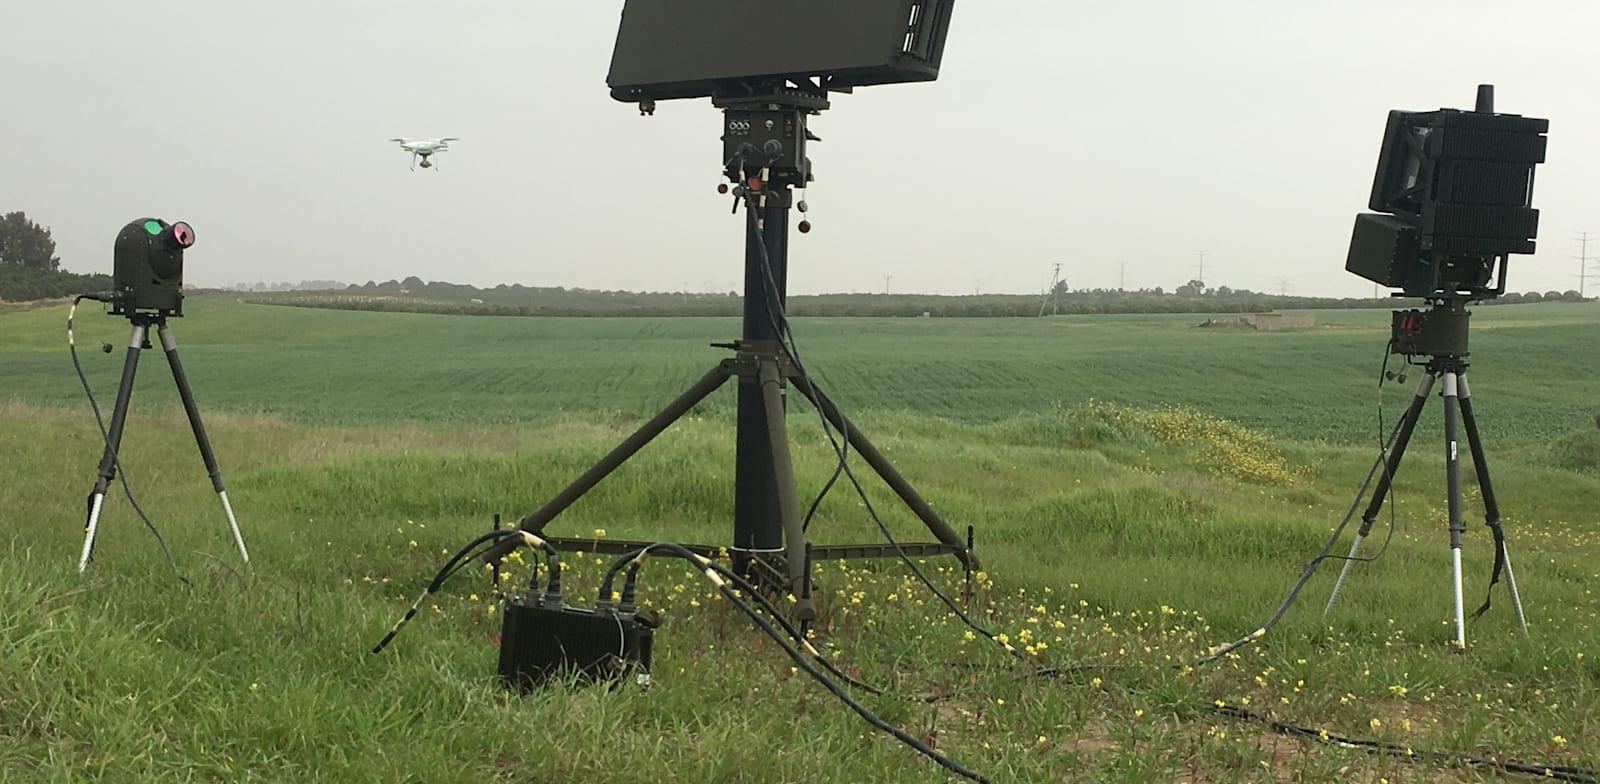 """מערכת חדשה להגנה מפני רחפנים וכטמב""""מים בעלות יכולות שיבוש והשמדת רחפנים עוינים / צילום: התעשייה האווירית"""